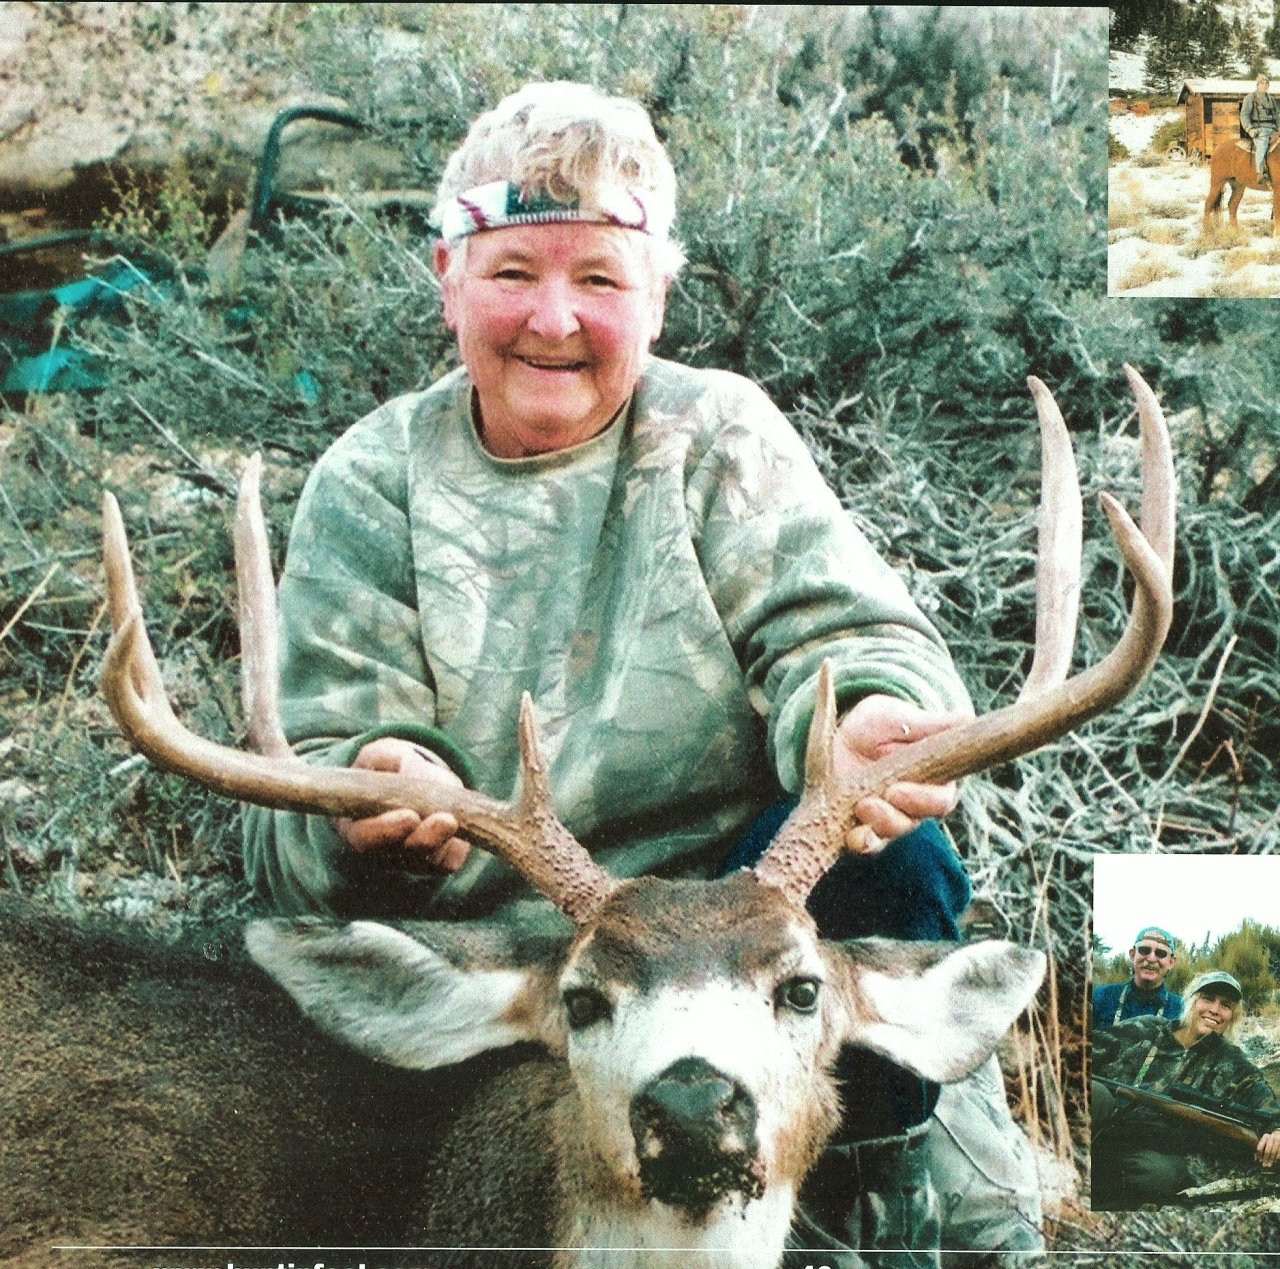 My mom, Nancy Karner-Lewis